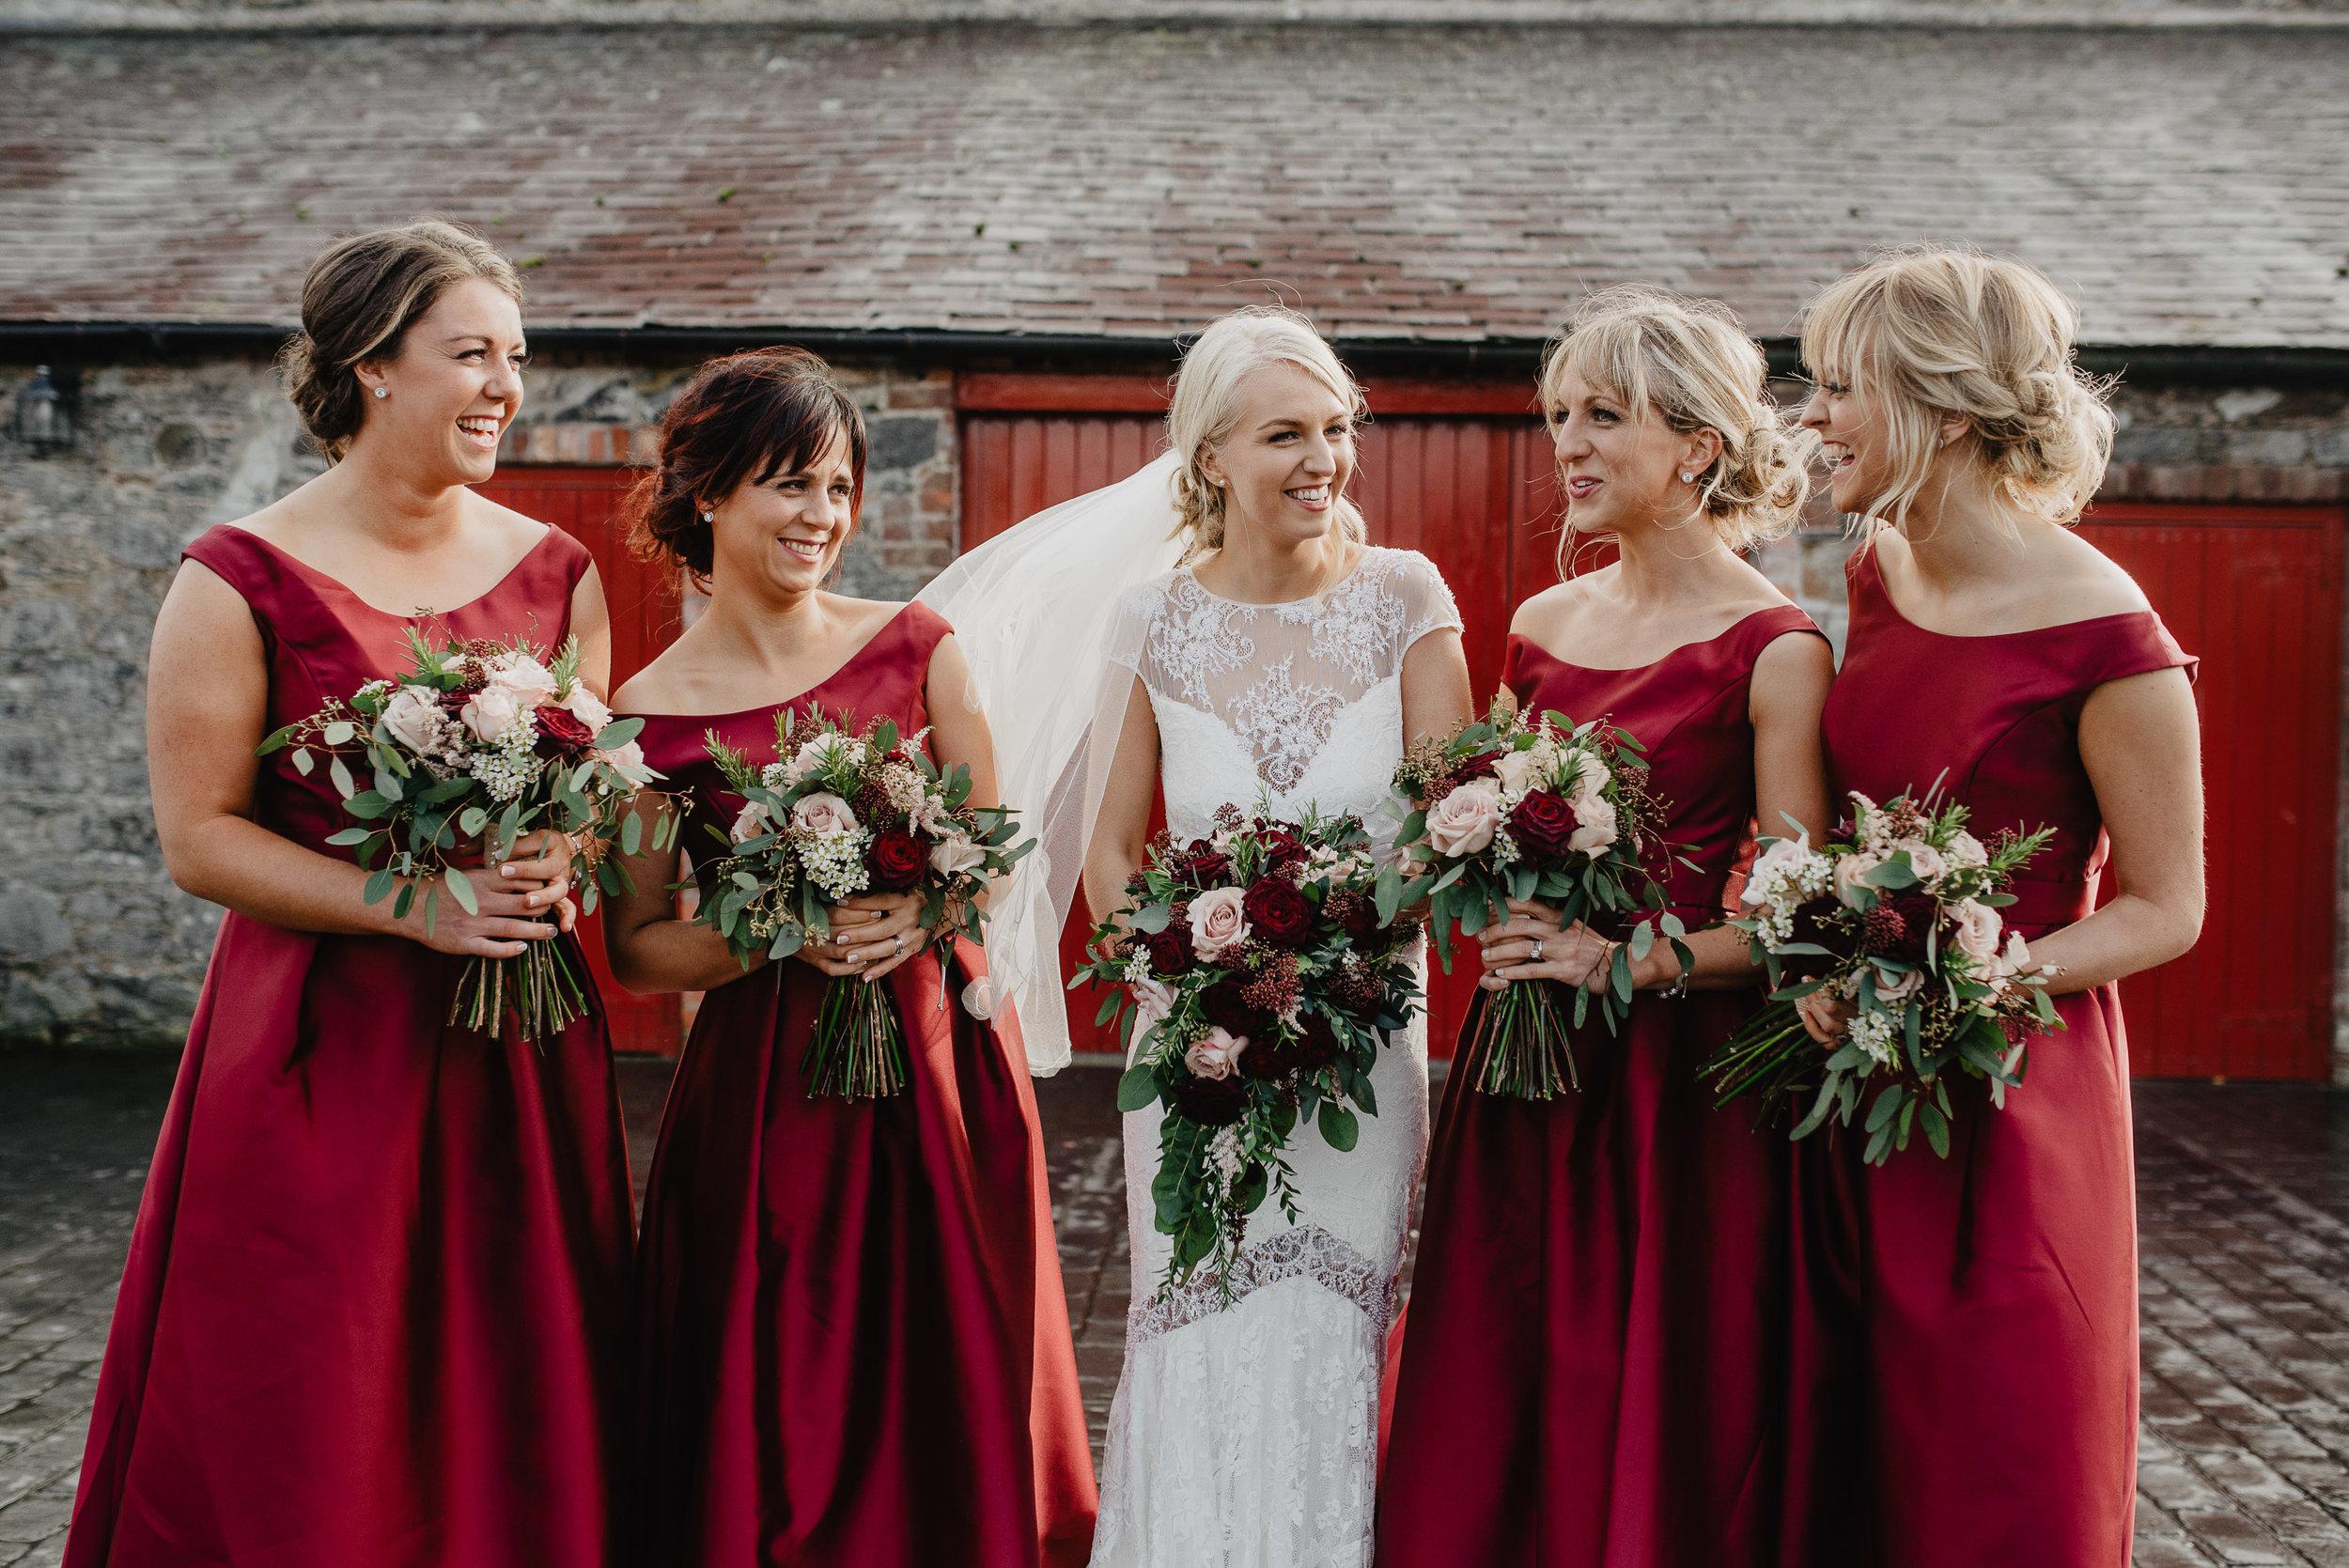 larchfield estate wedding photos-113.jpg